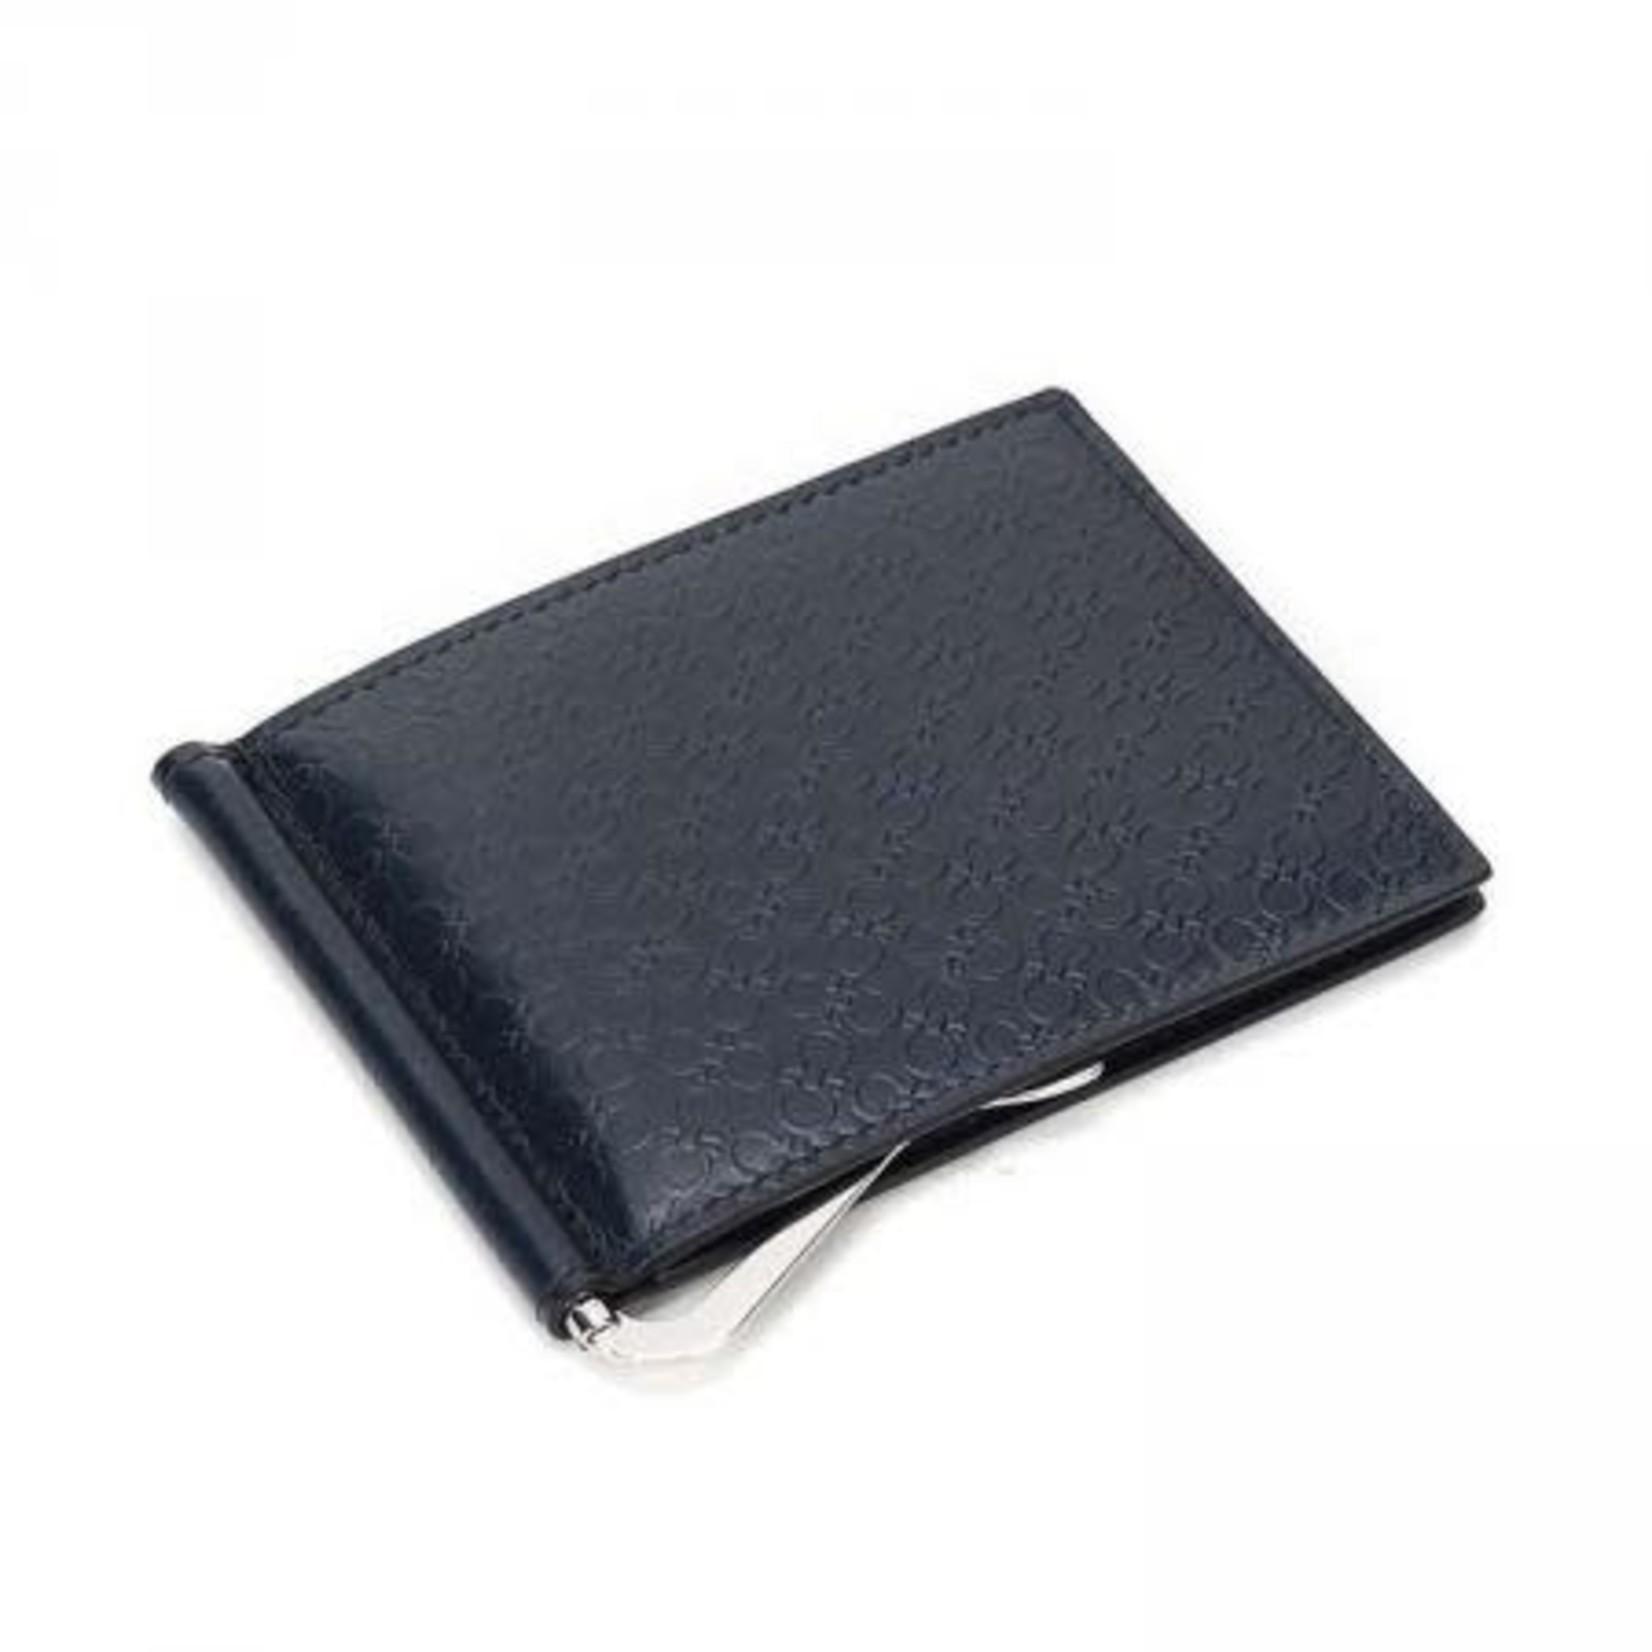 SALVATORE FERRAGAMO SALVATORE FERRAGAMO - CARD HOLDER MONEY CLIP - 66A116